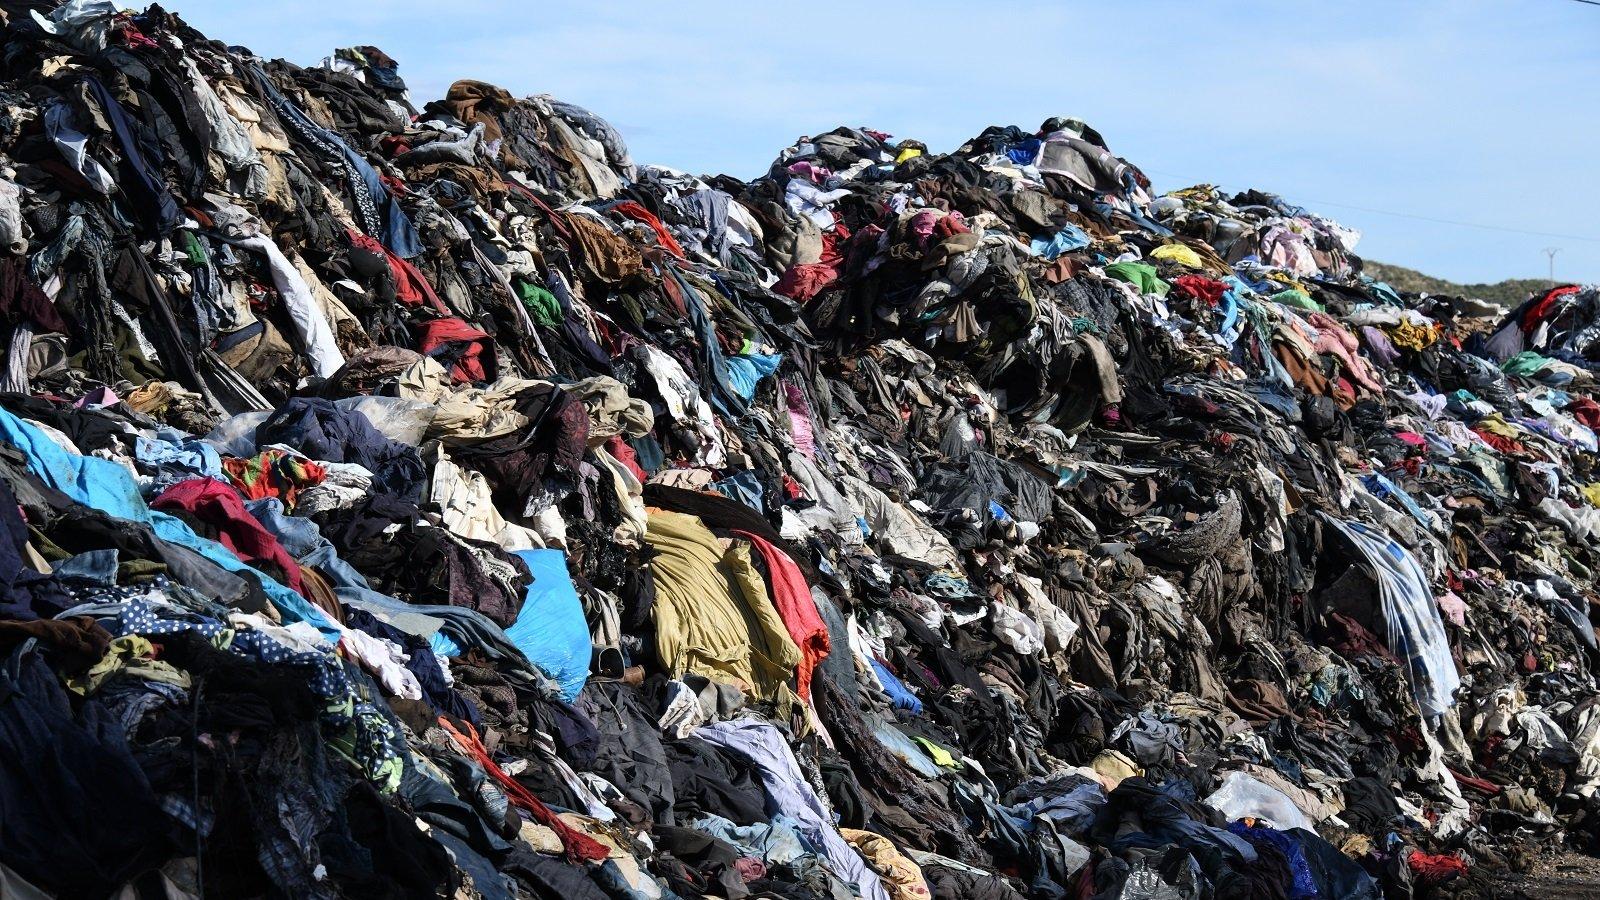 L'impatto ambientale e le responsabilità dell'industria della moda